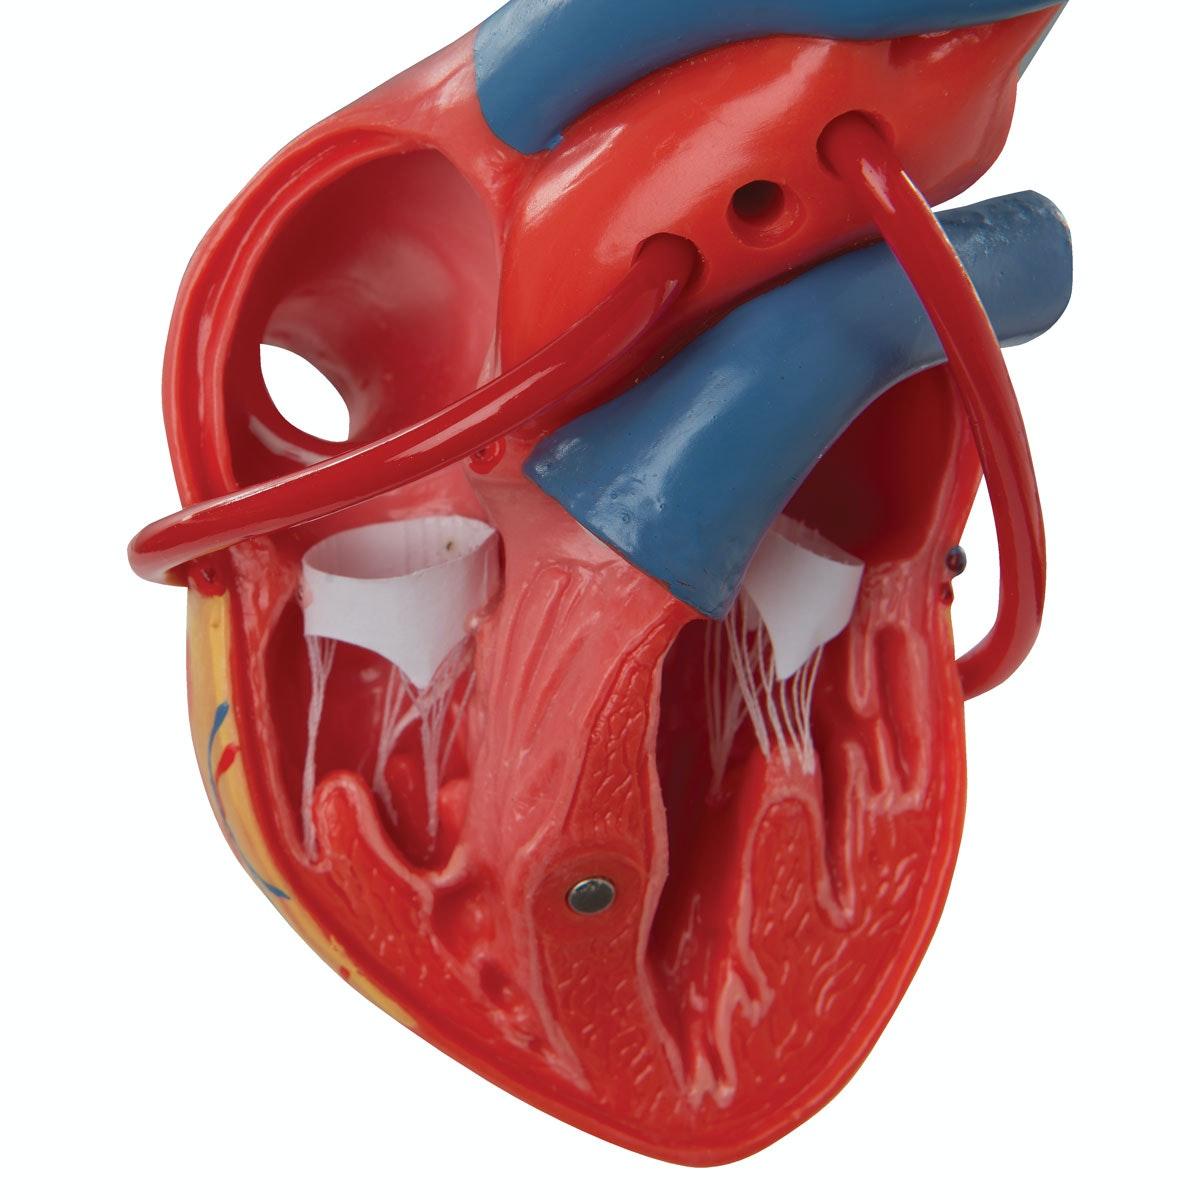 Hjertemodel der viser resultatet efter en bypass-operation